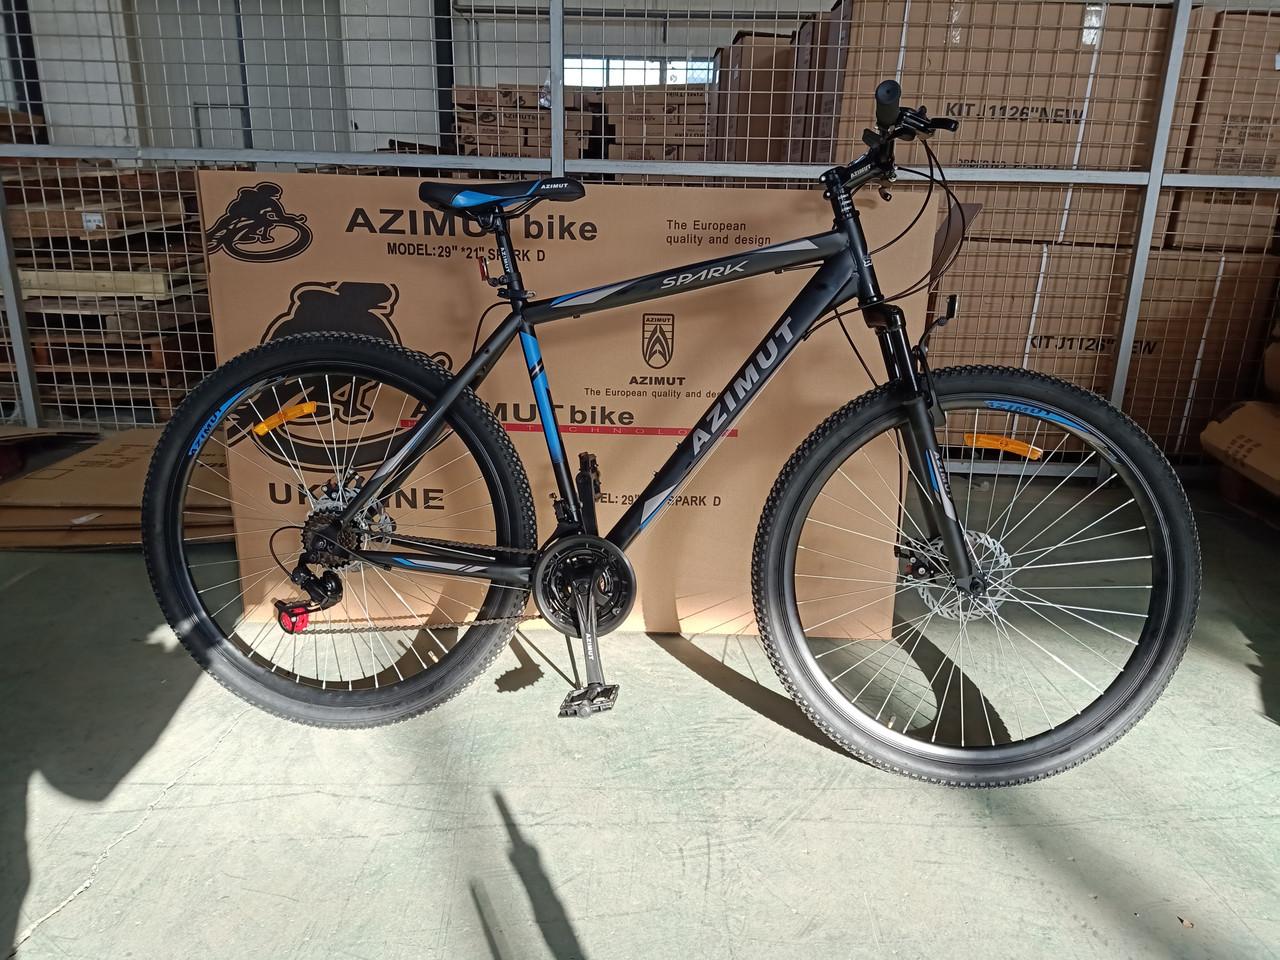 Велосипед одноподвесной 29 дюймов Spark 19 21 FR/D 2021 Azimut